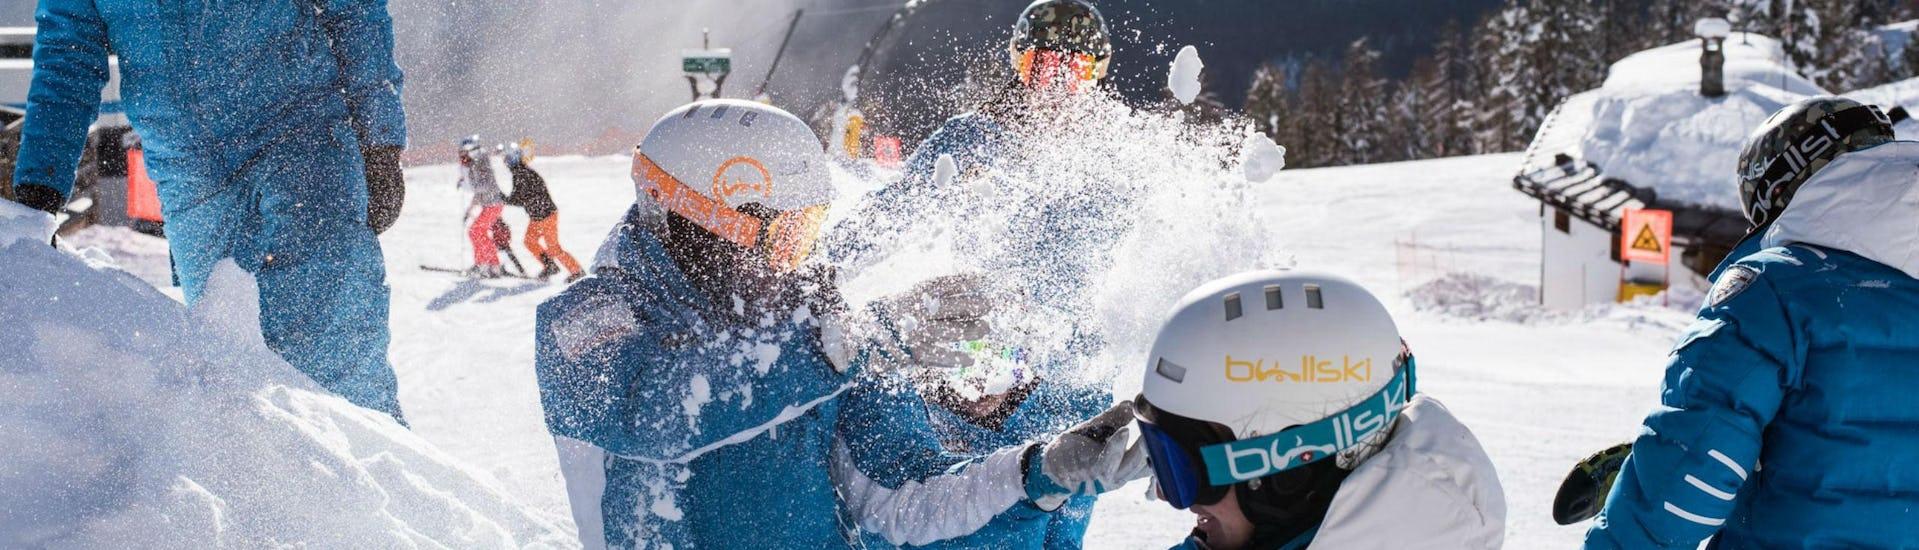 Die Skilehrer der Skischule Scuola di Sci e Snowboard Cristallo Cortina vergnügen sich im Schnee auf einer der Pisten im Skigebiet Cortina d'Ampezzo, wo sie ihre Skikurse anbieten.